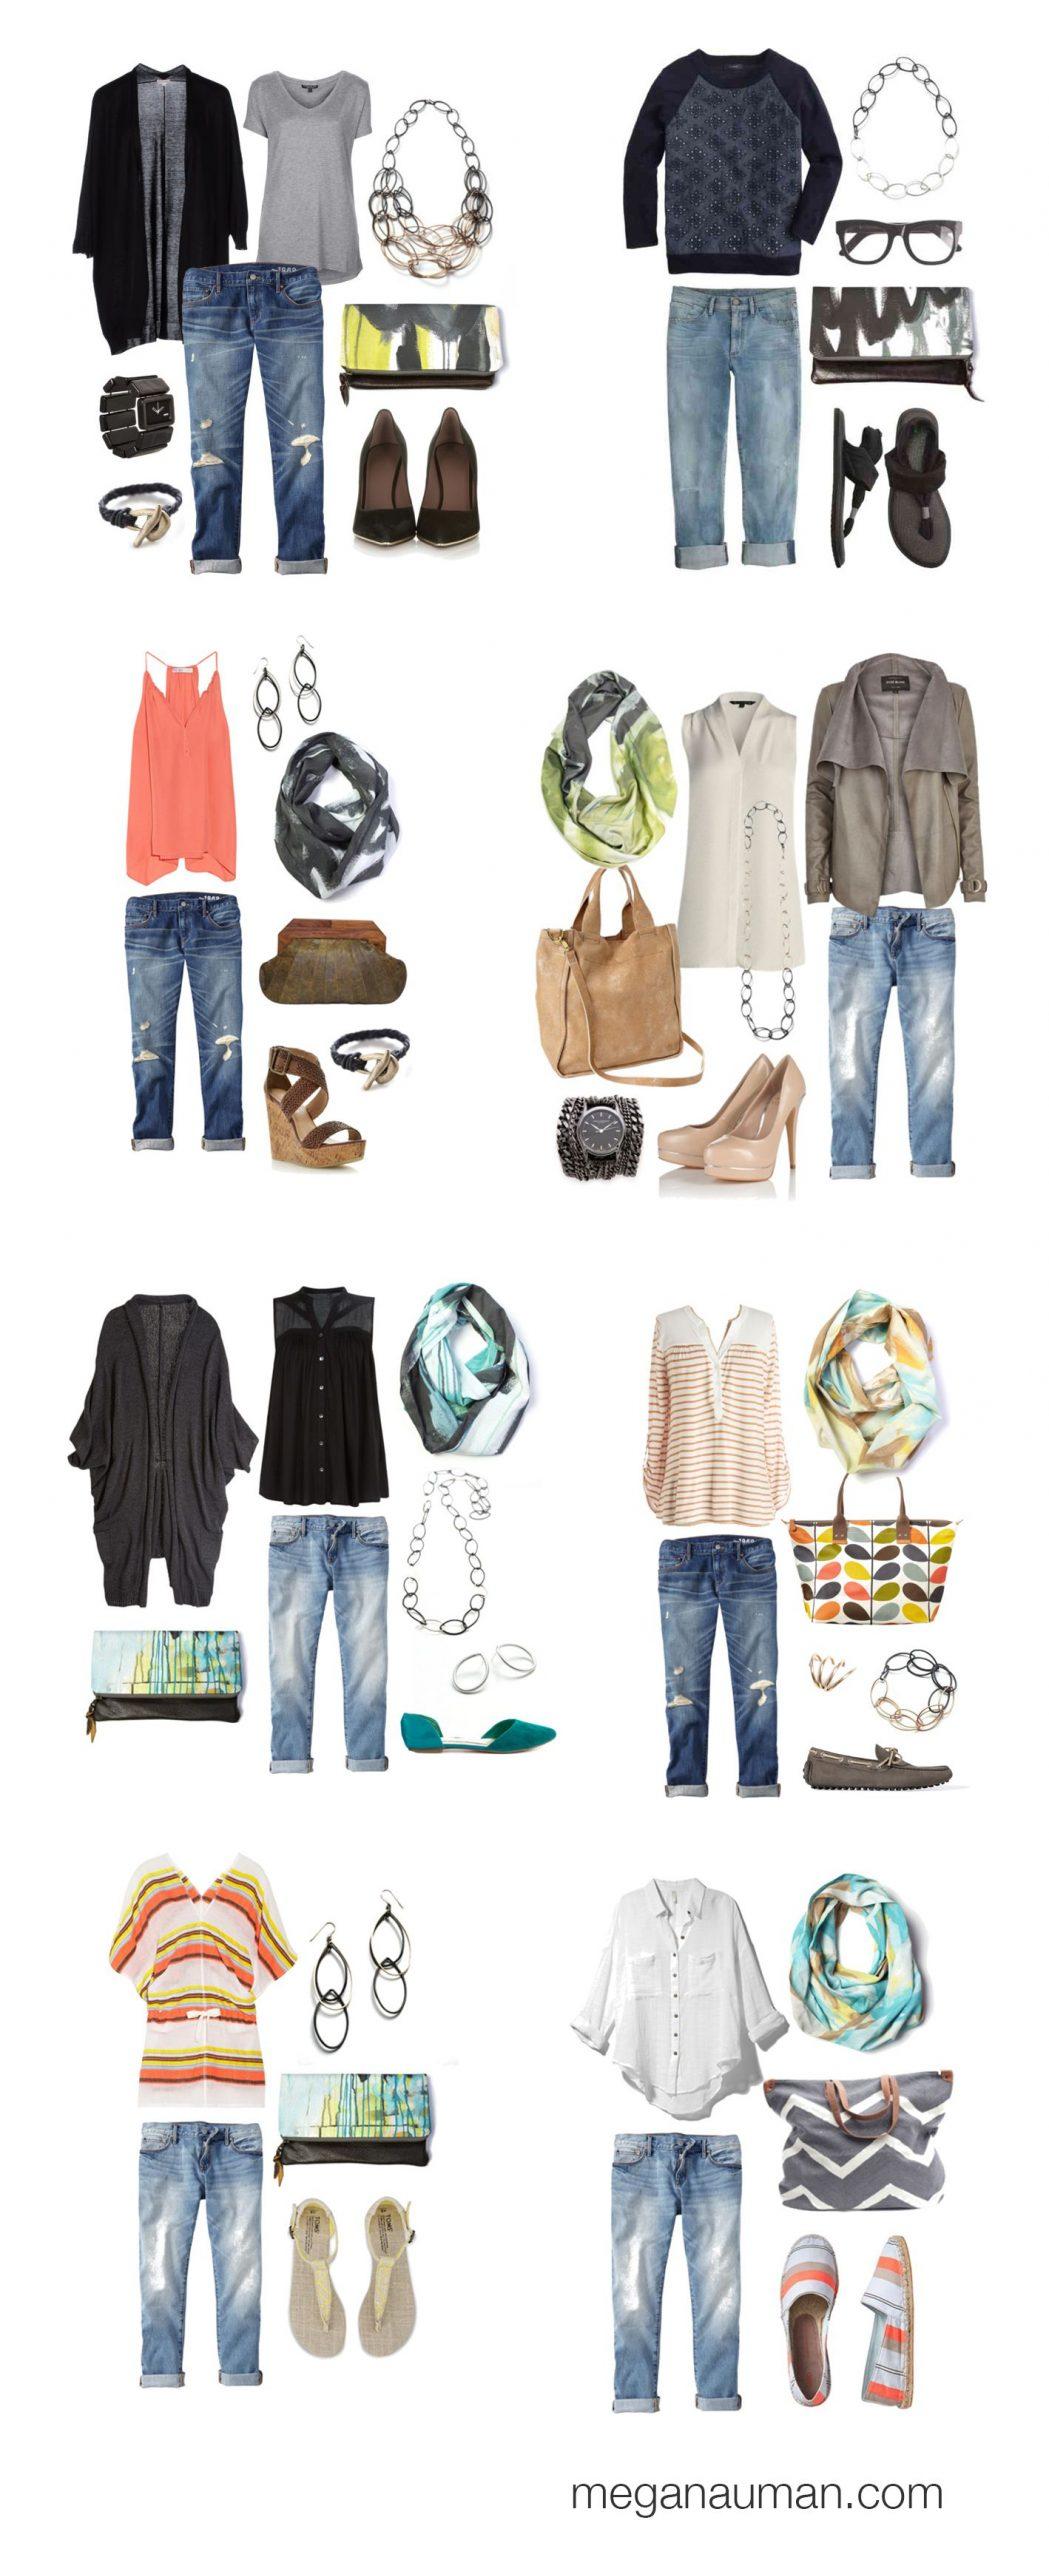 how to wear boyfriend jeans – 8 ways to style your boyfriend jeans